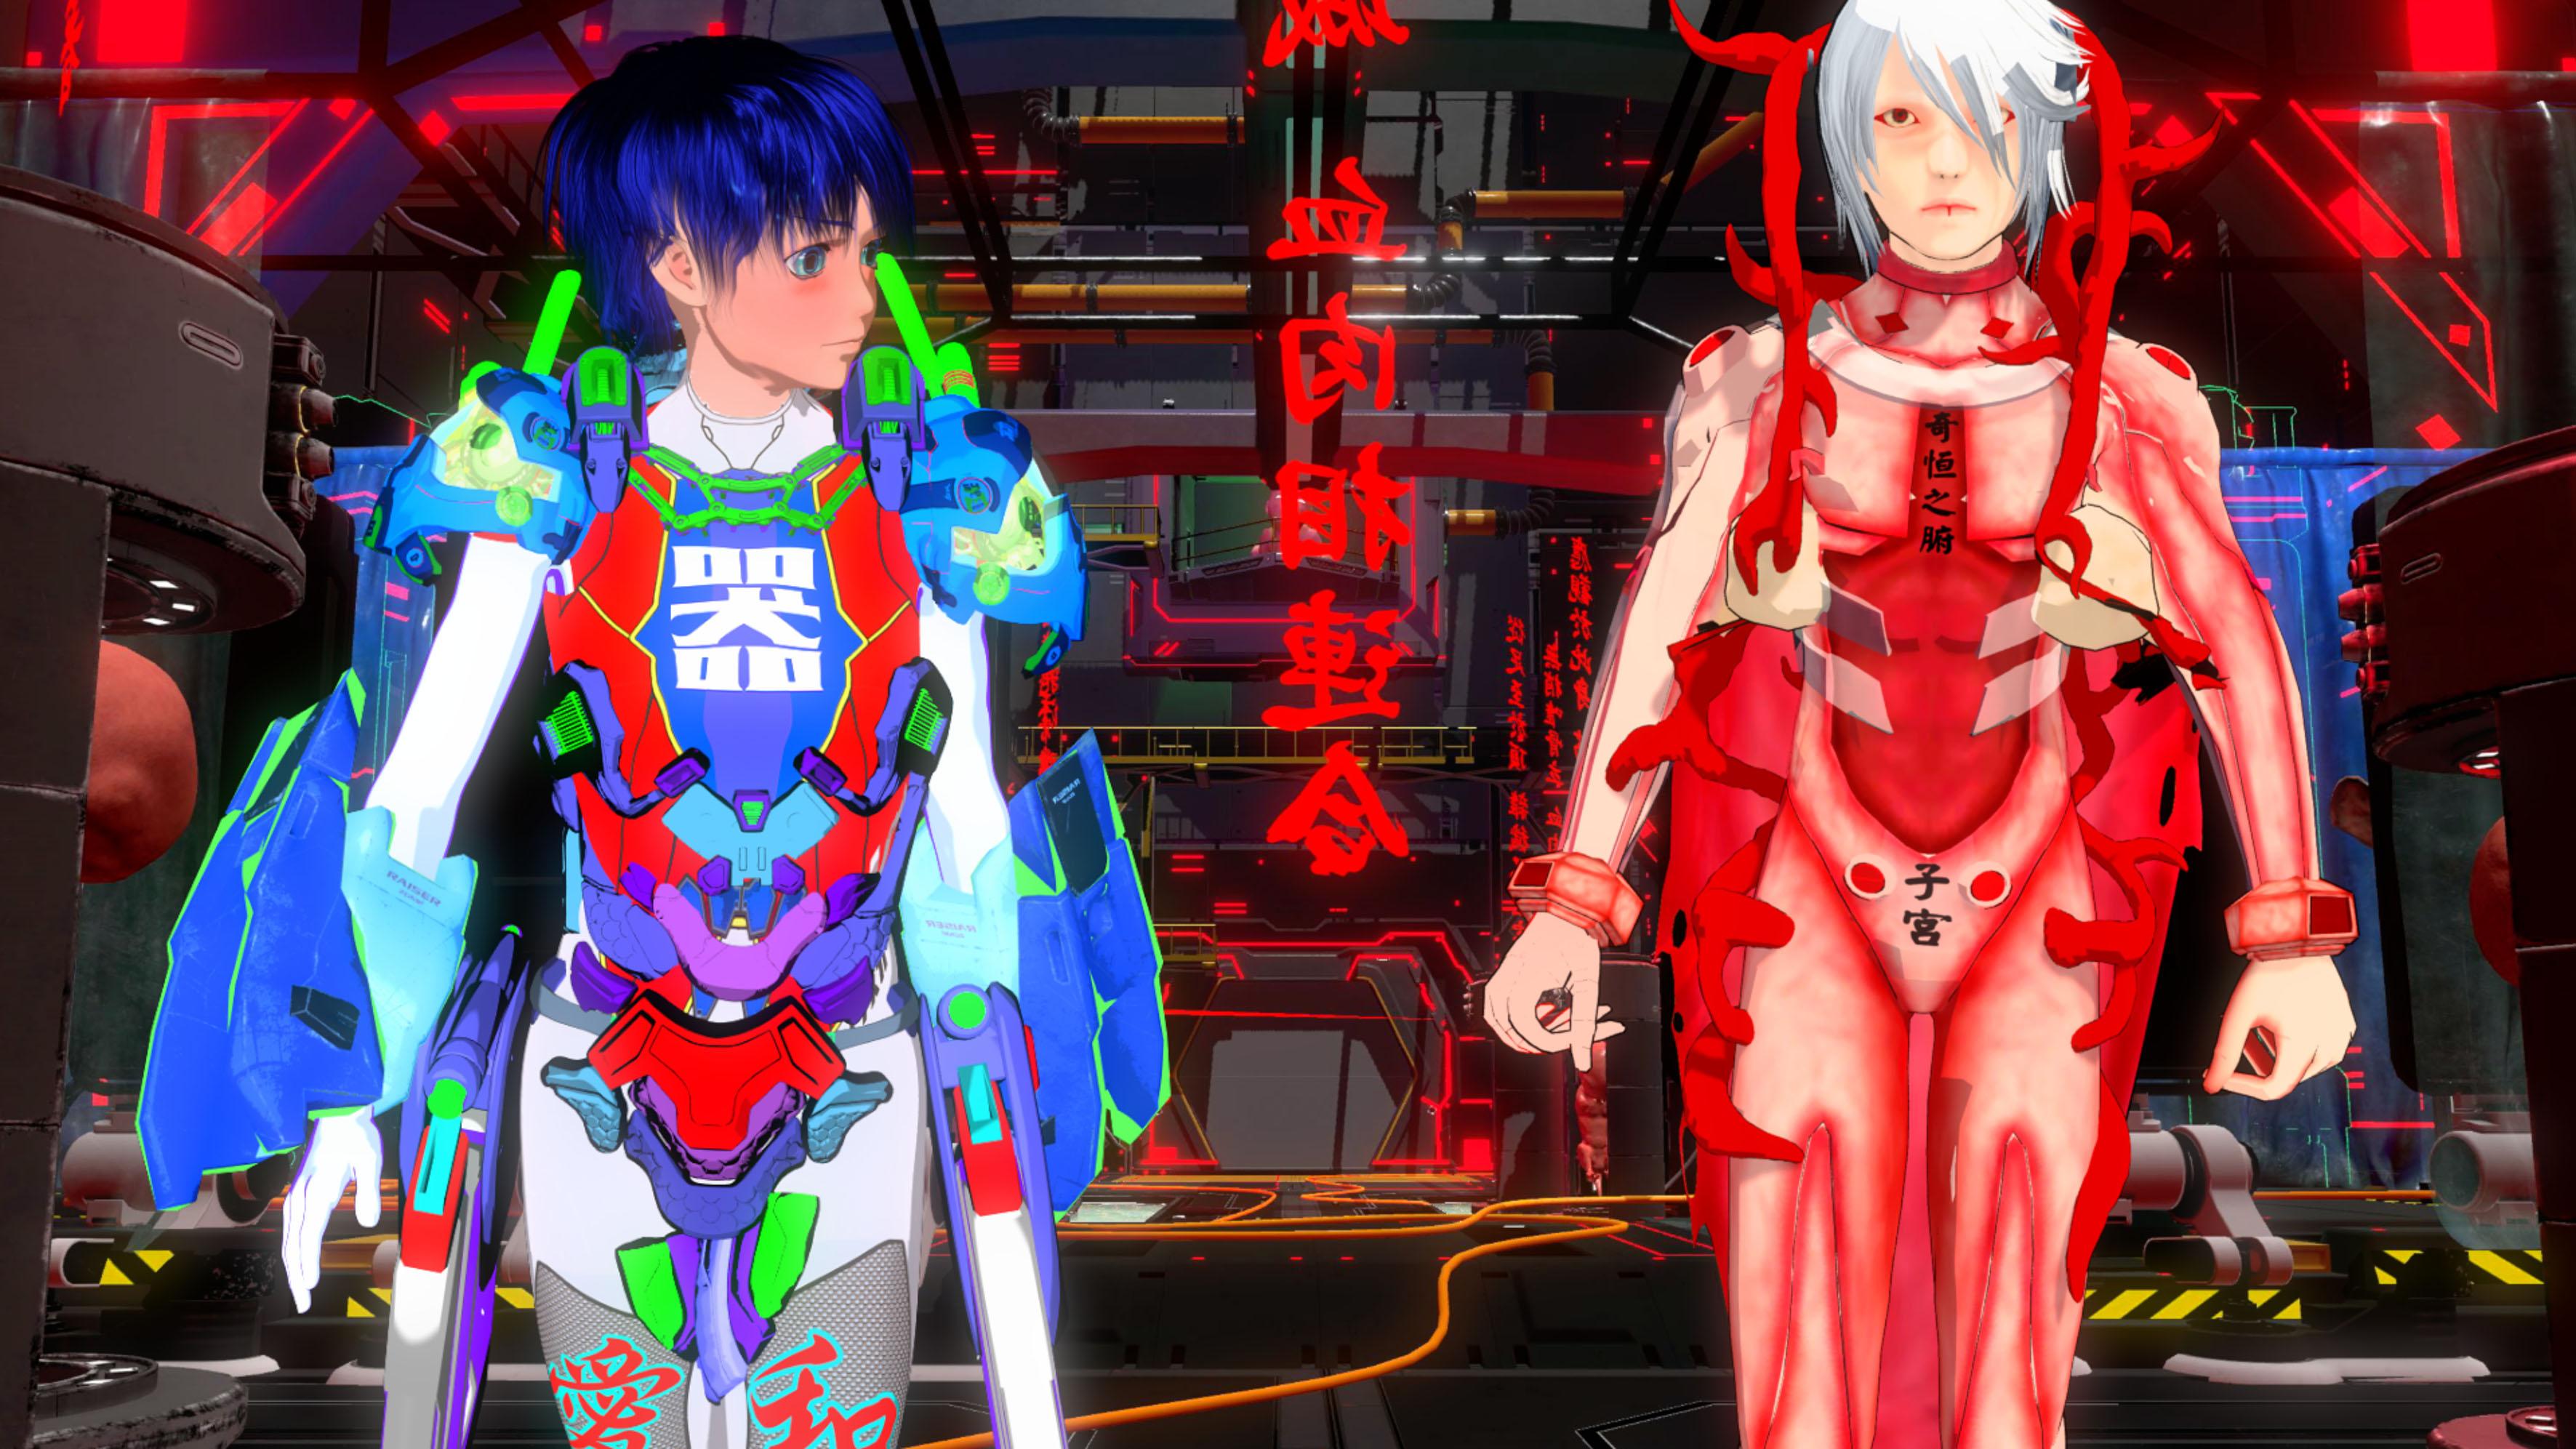 Lu Yang: The Great Adventure of Material World, 2019, Video game, screenshot © 2019 Lu Yang